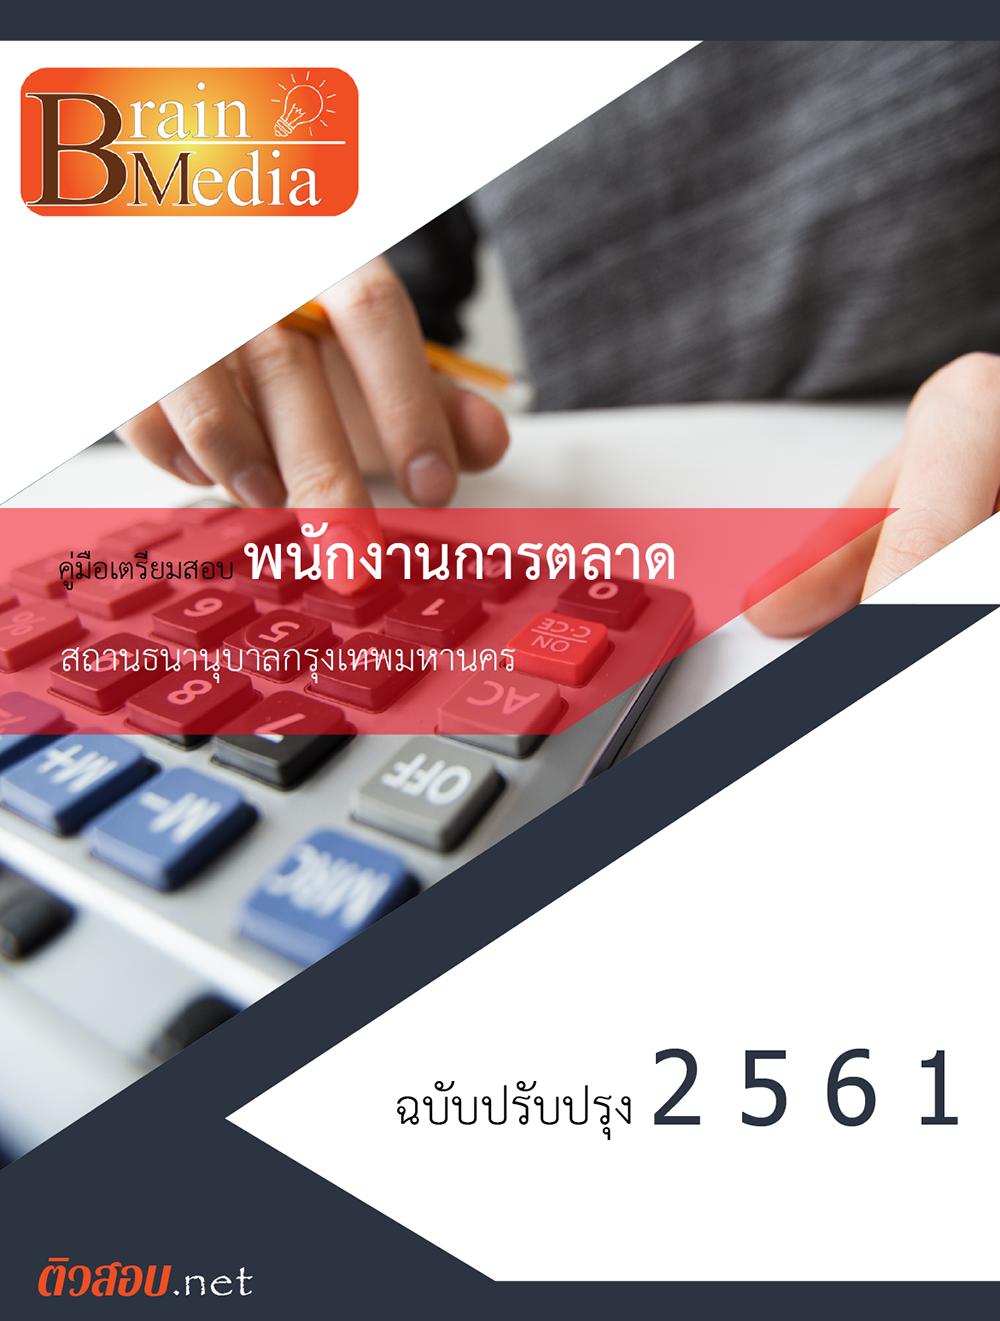 เฉลยแนวข้อสอบ พนักงานการตลาด สำนักงานสถานธนานุบาลกรุงเทพมหานคร